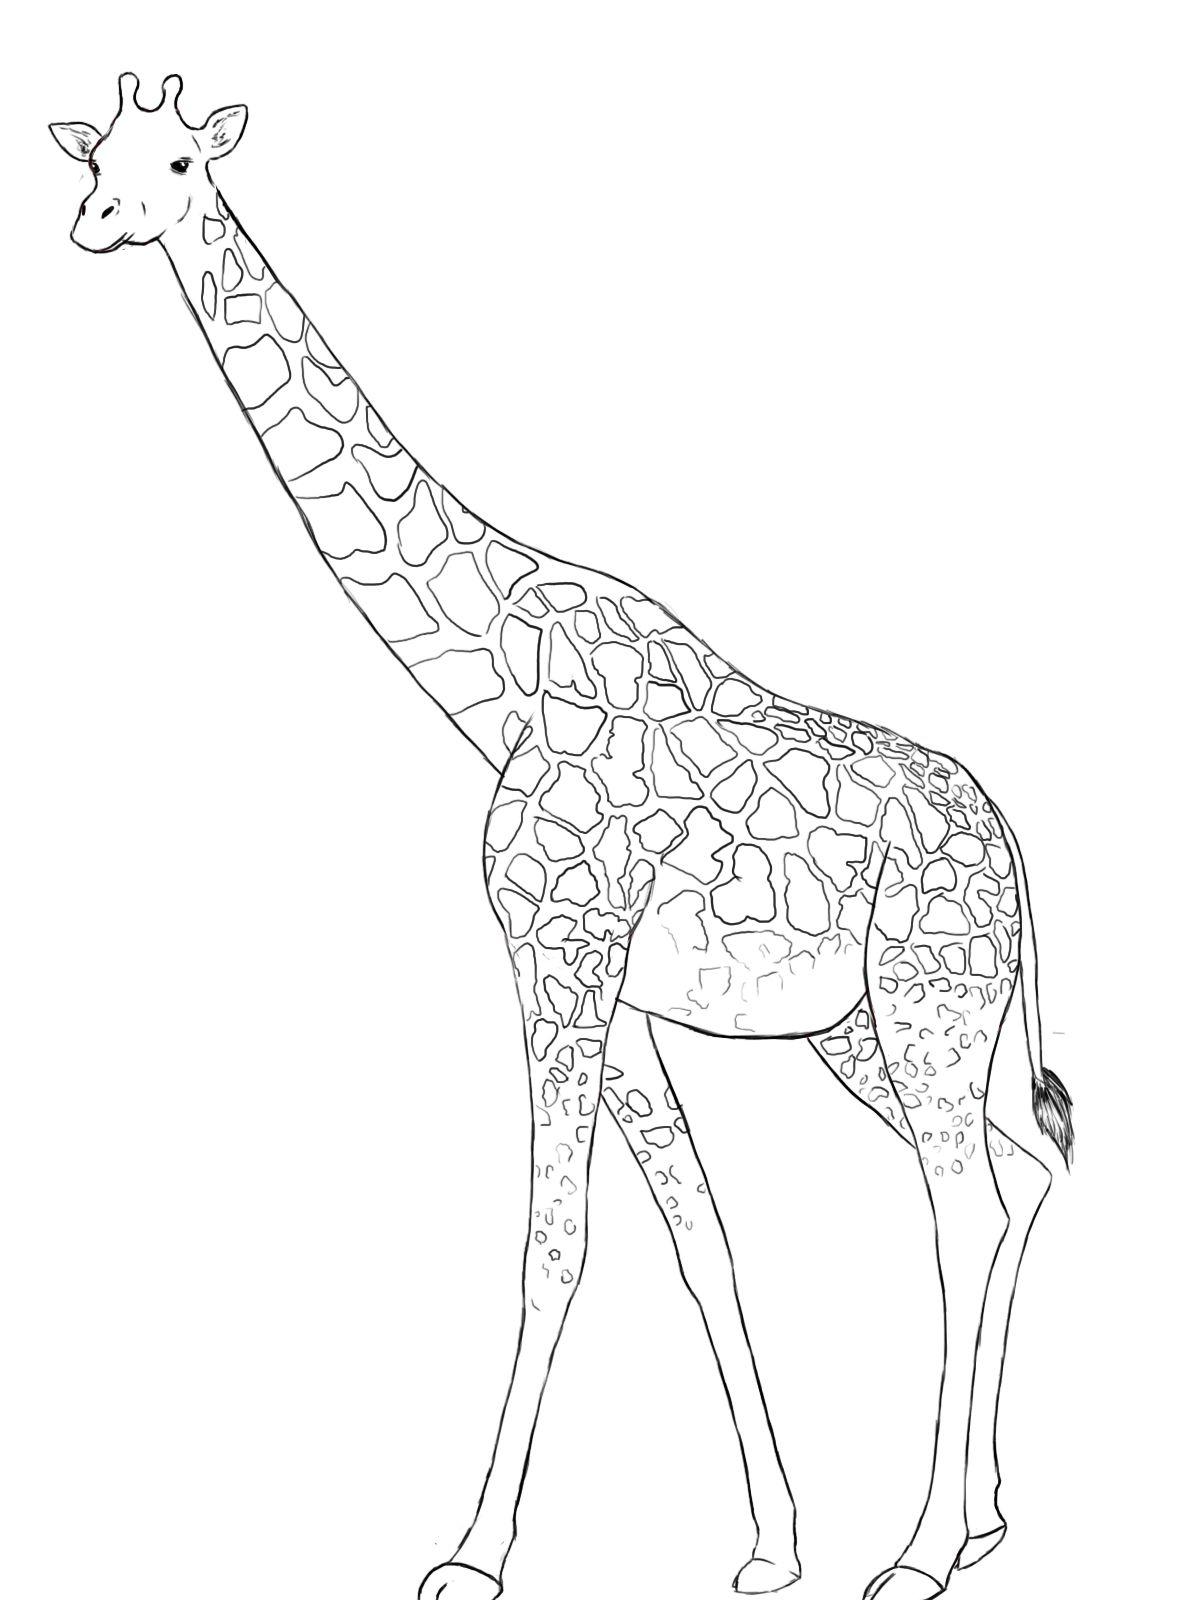 malvorlage giraffe einfach  tiffanylovesbooks